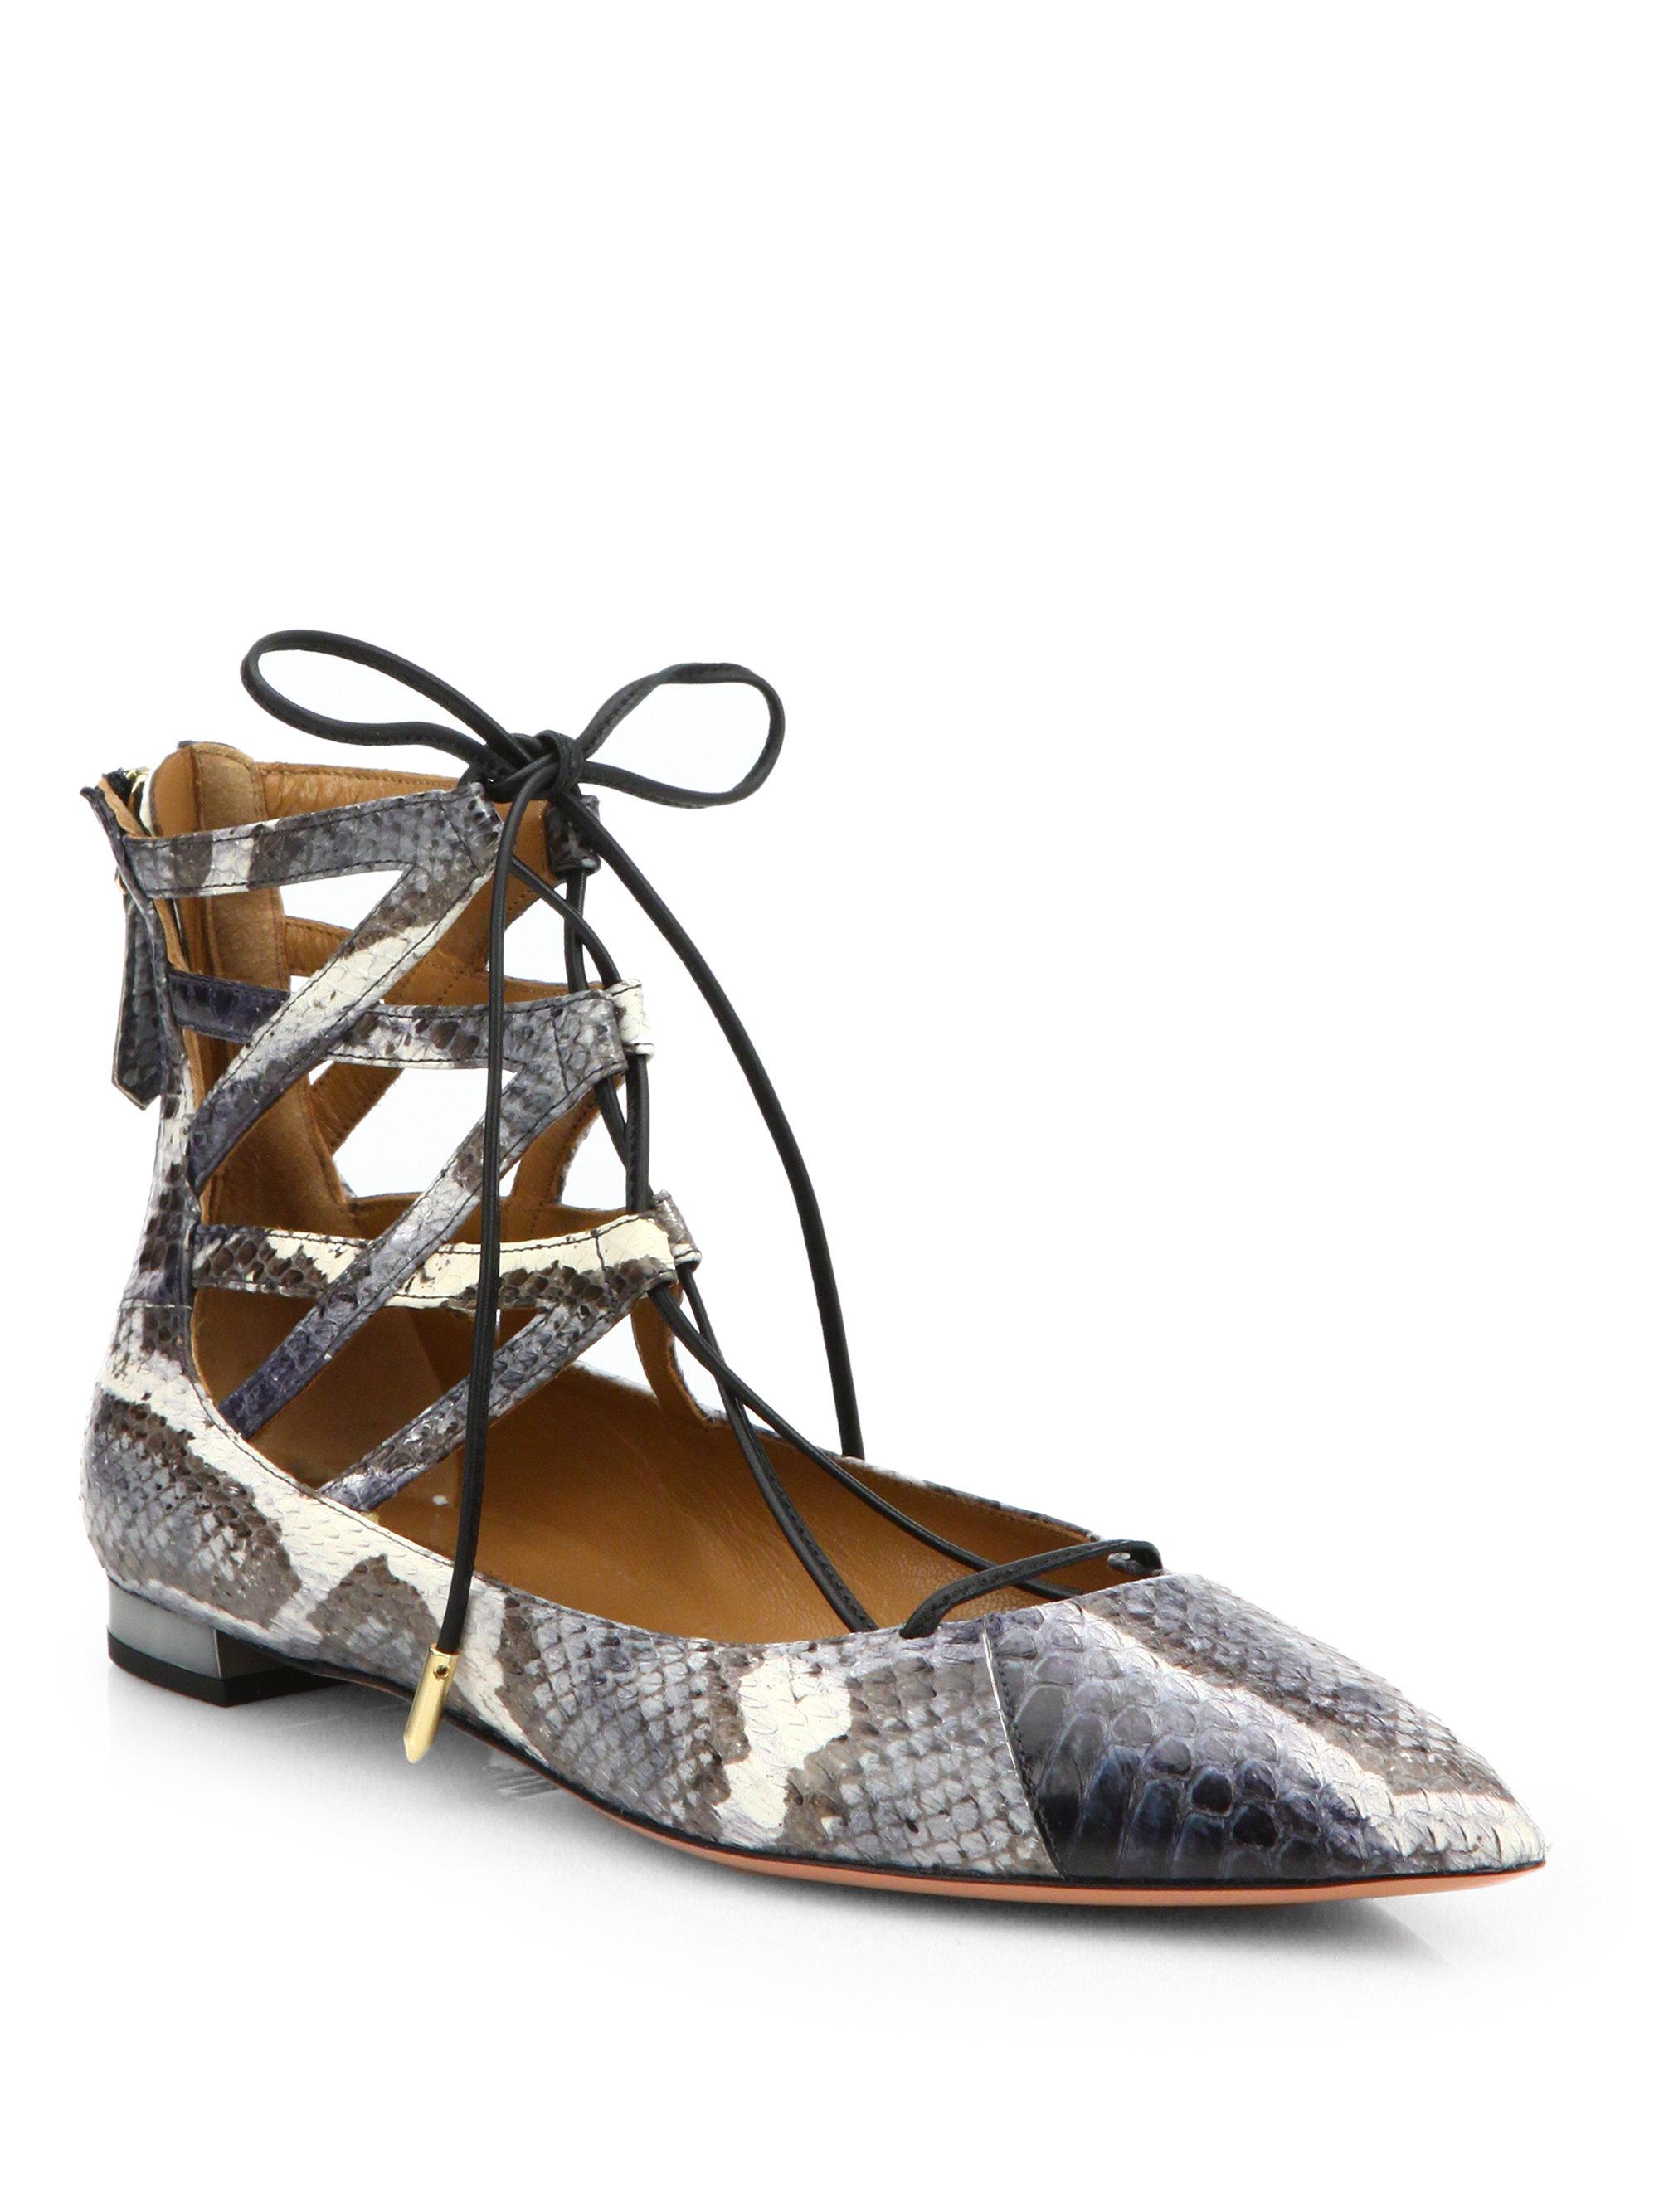 Aquazzura Belgravia ballerina shoes 1jTw9T5TmC